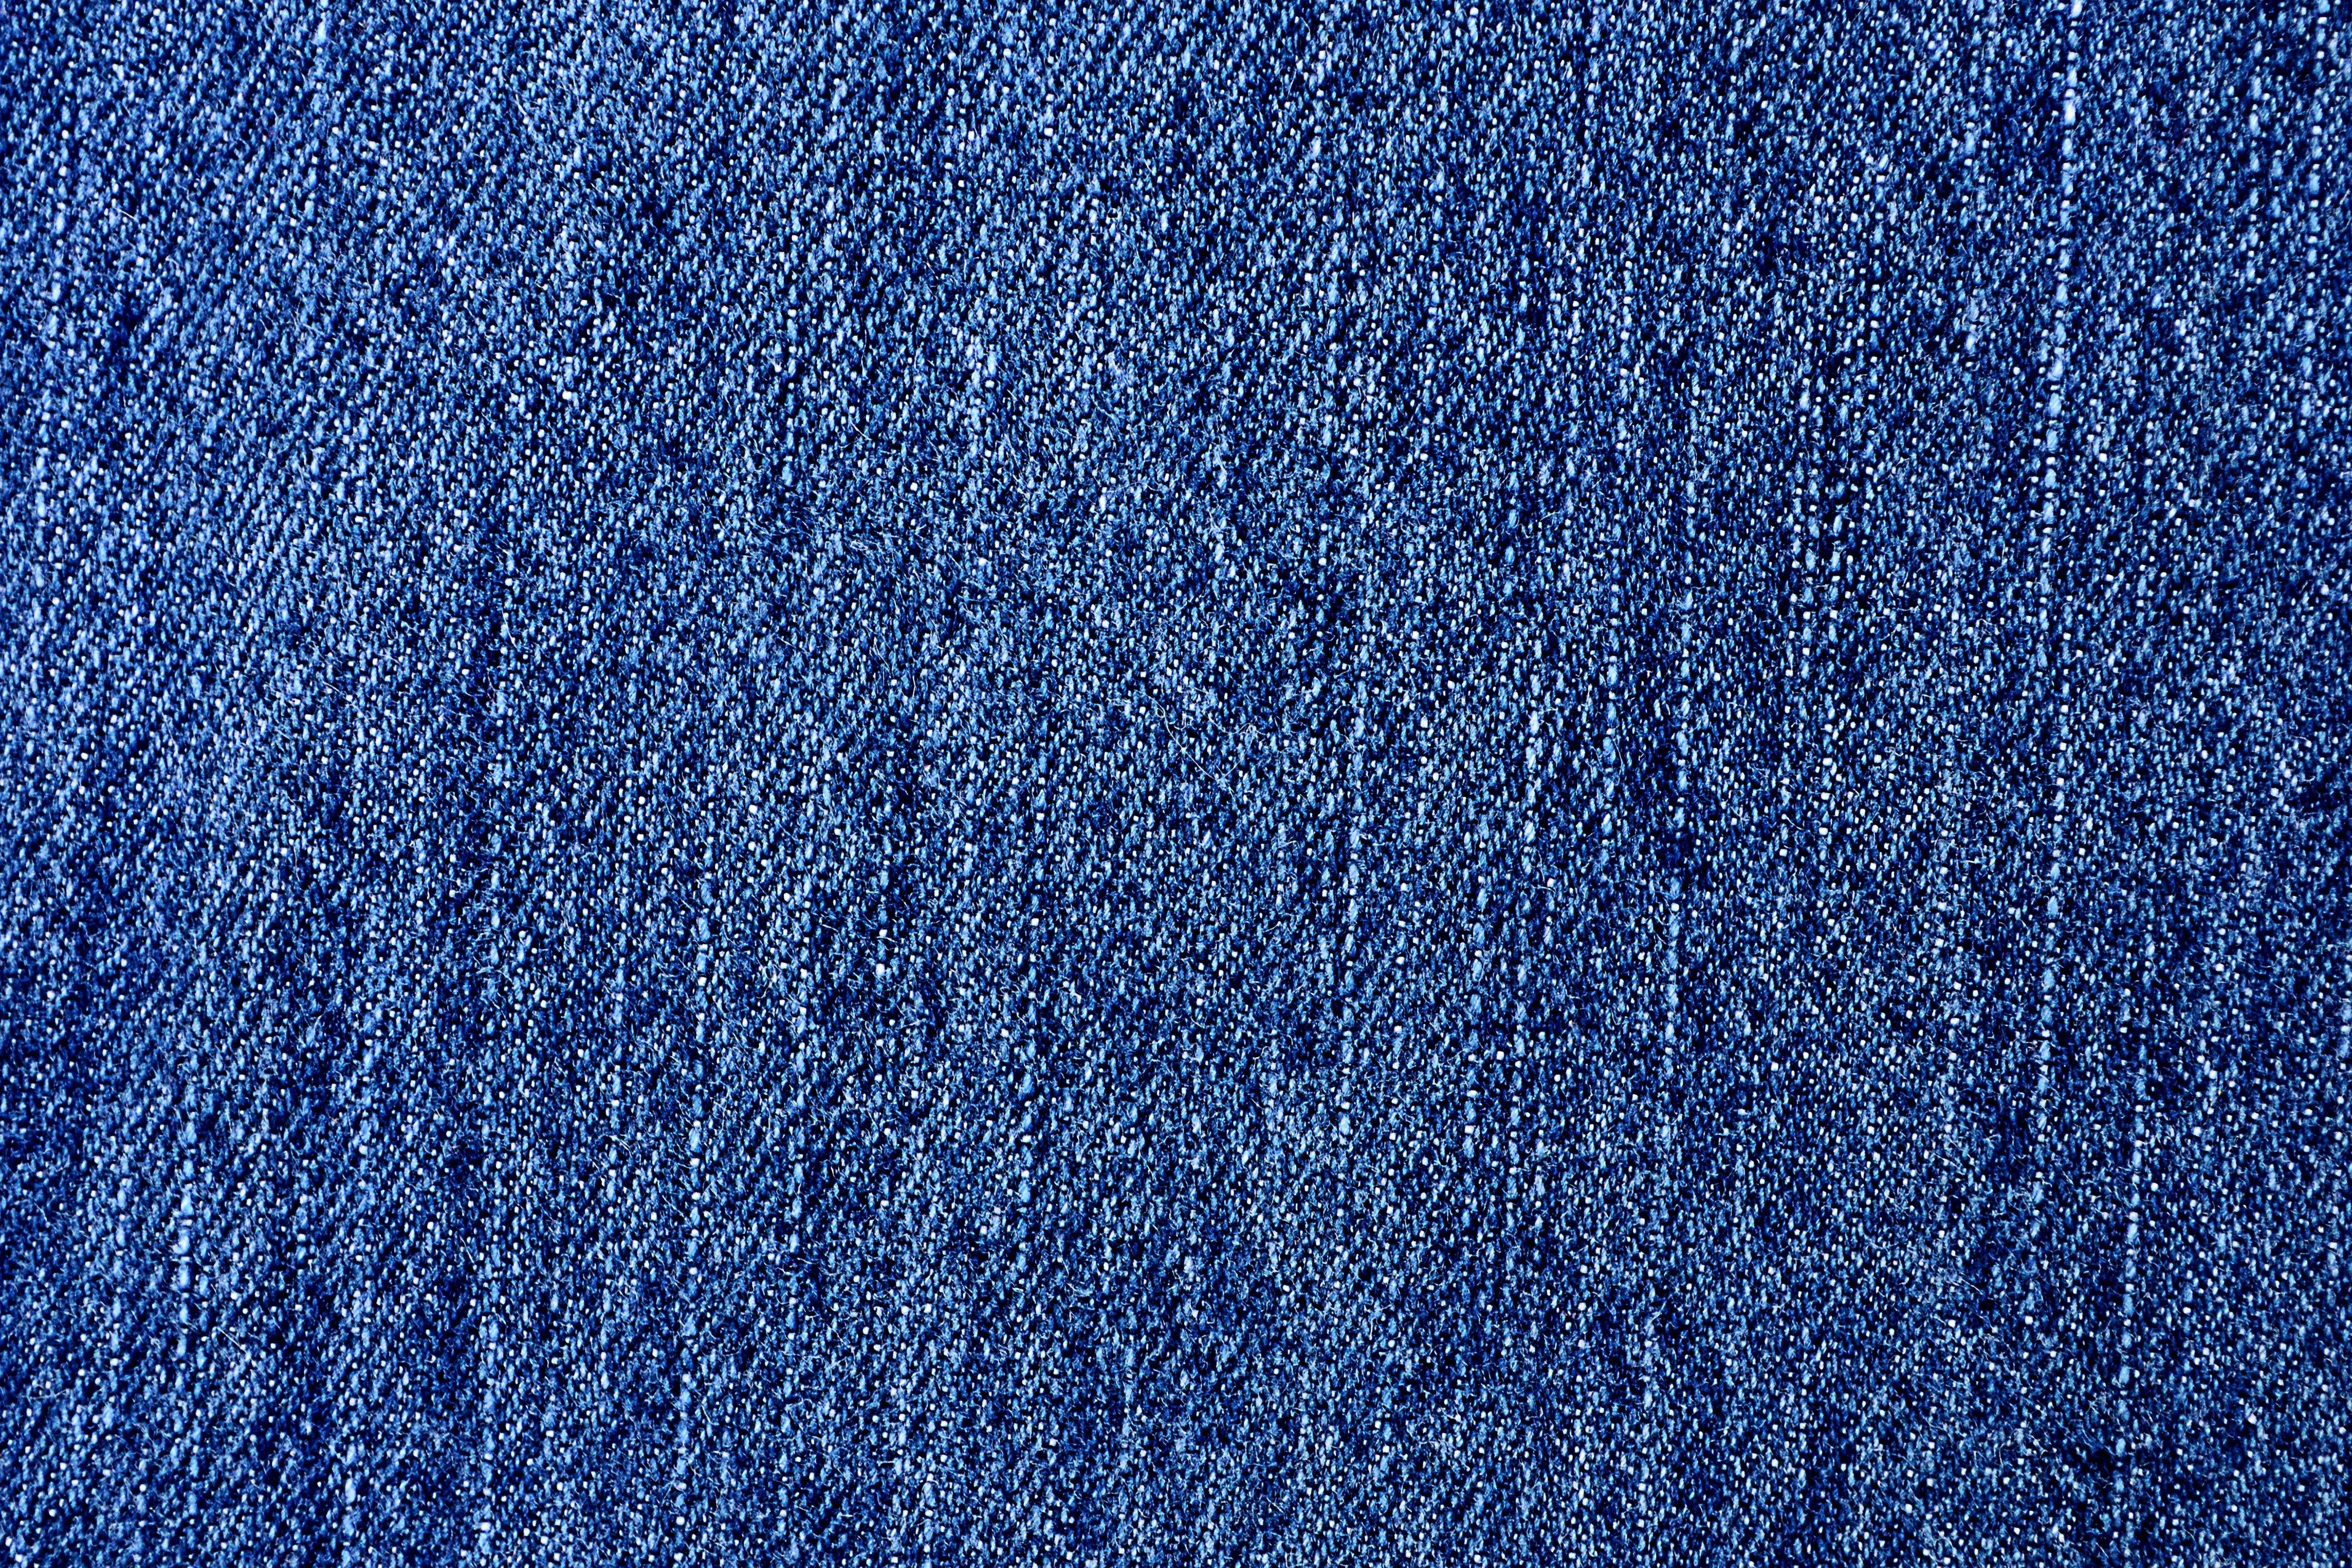 4k Denim Hd Wallpaper 4800x3200 In 2019 Fabric Patterns